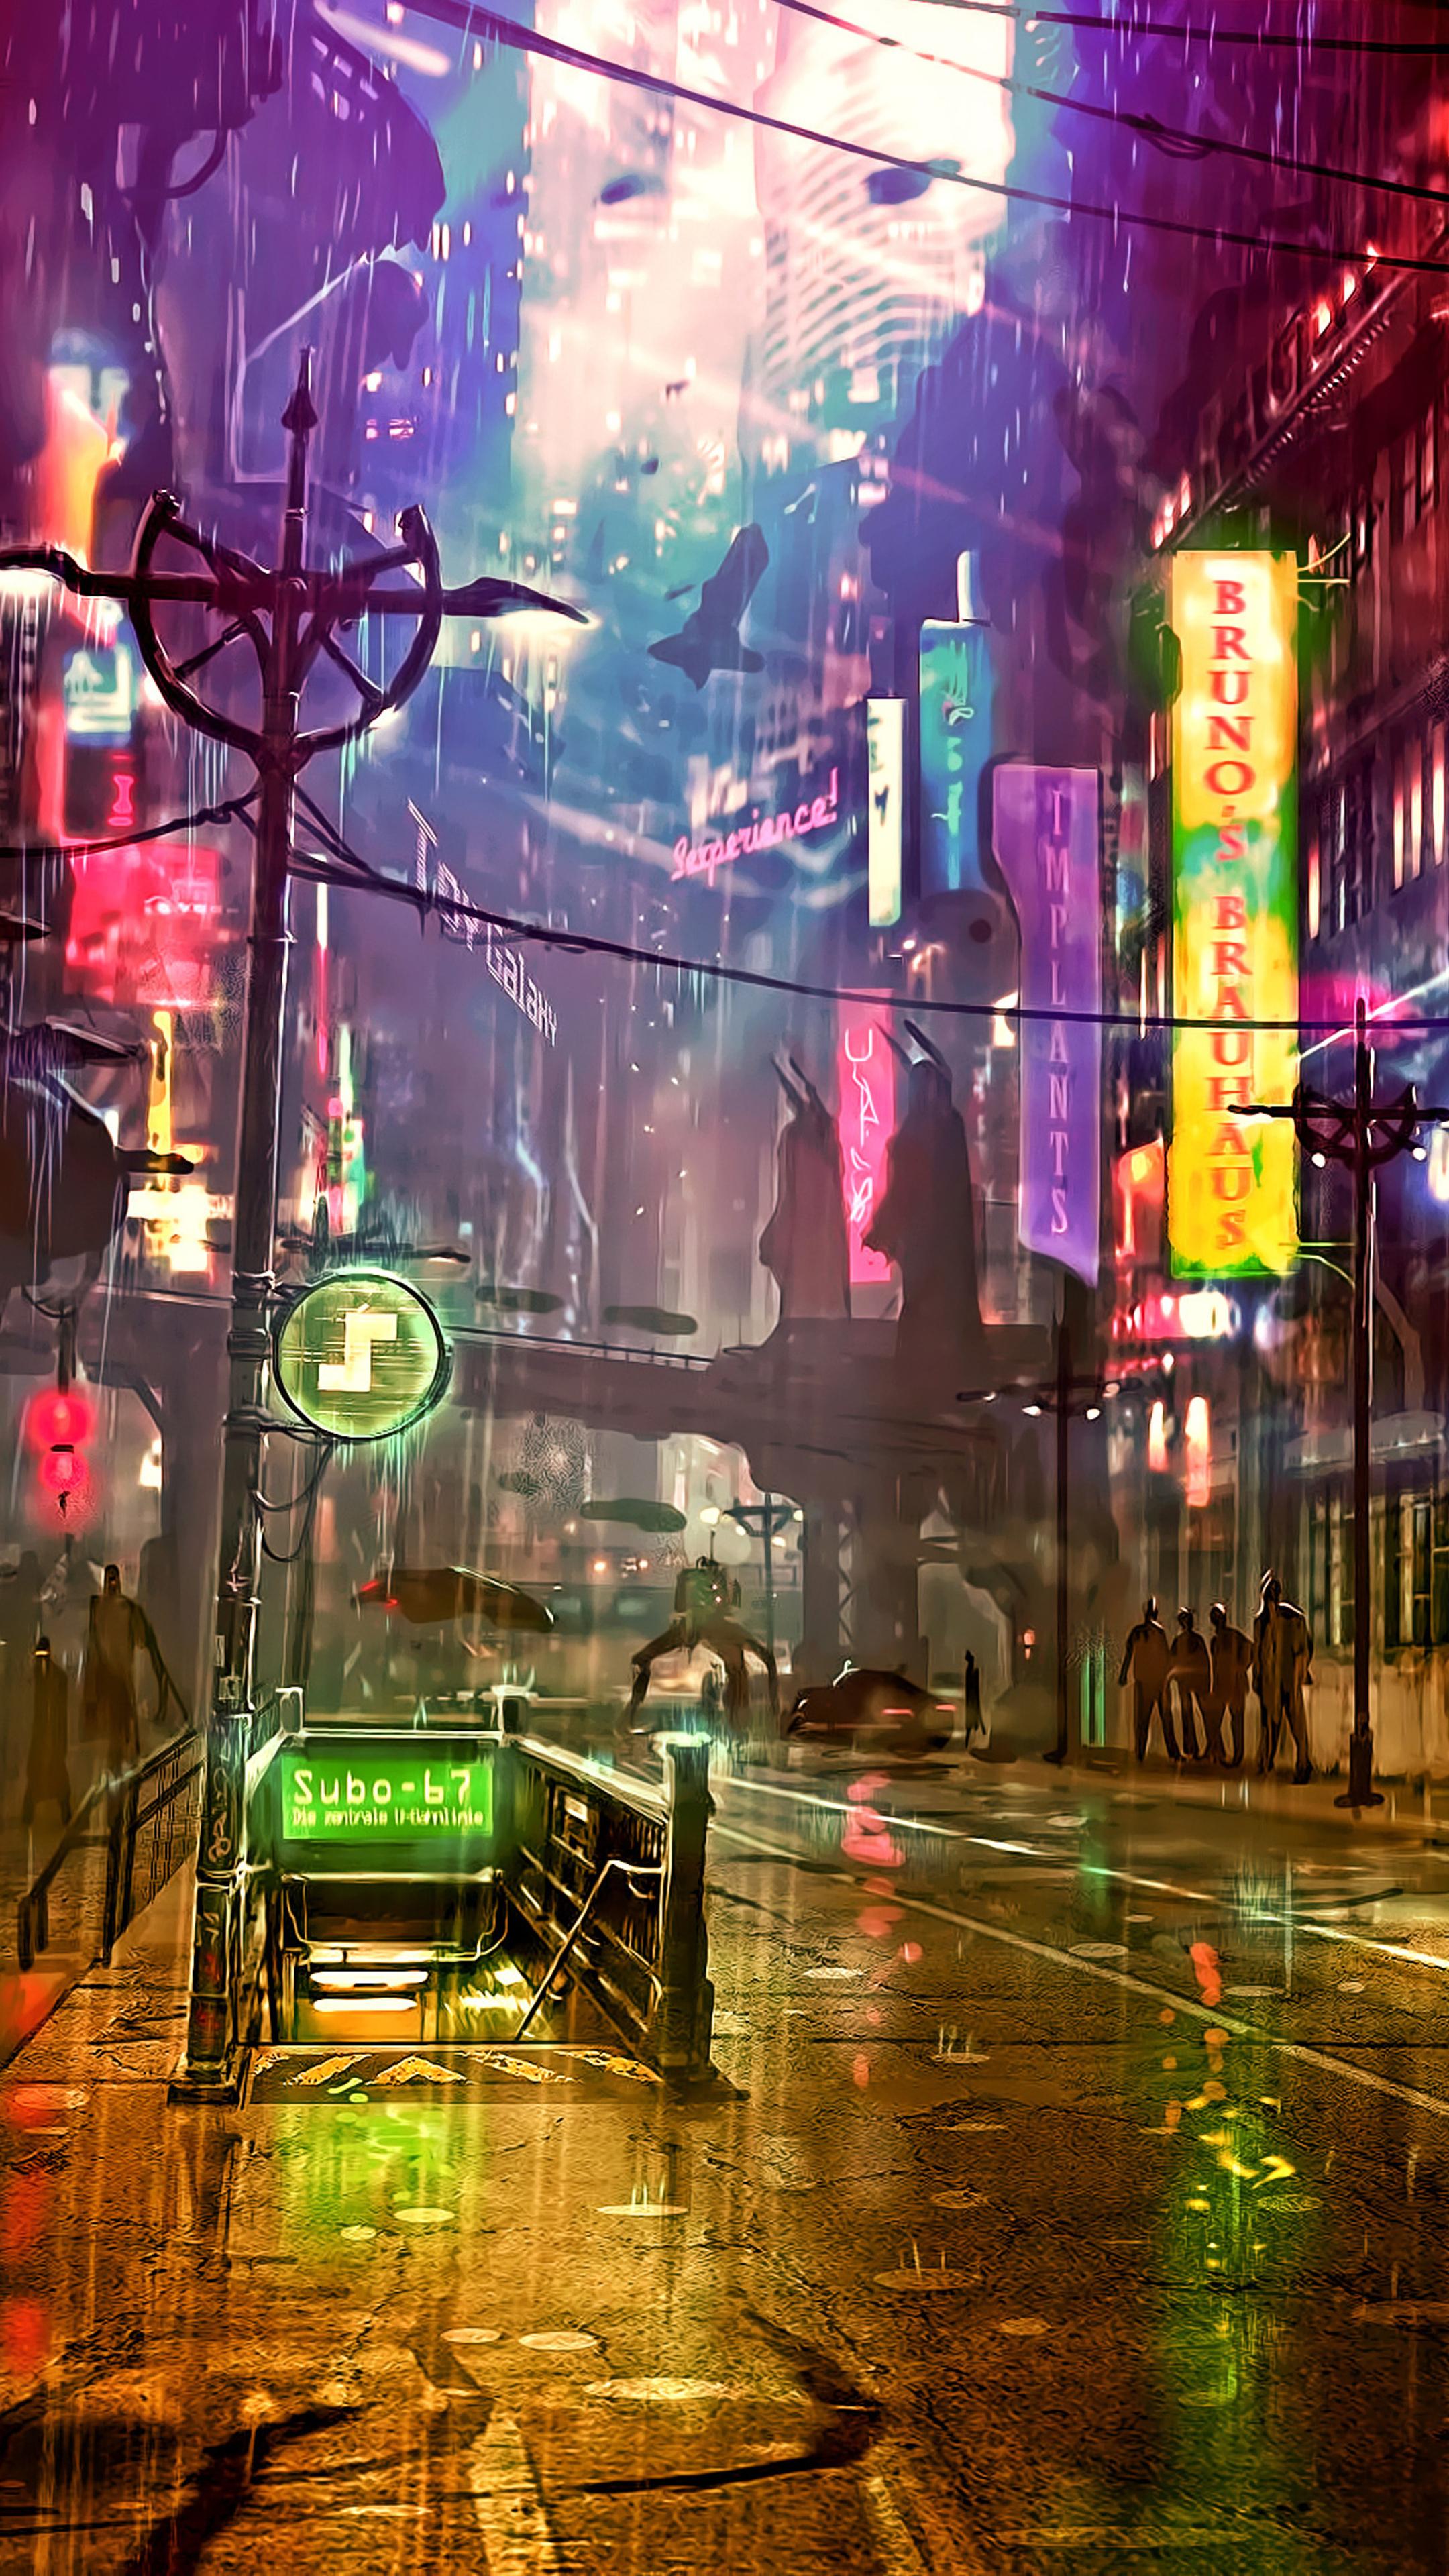 2160x3840 futuristic city cyberpunk neon street digital - Art wallpaper 2160x3840 ...